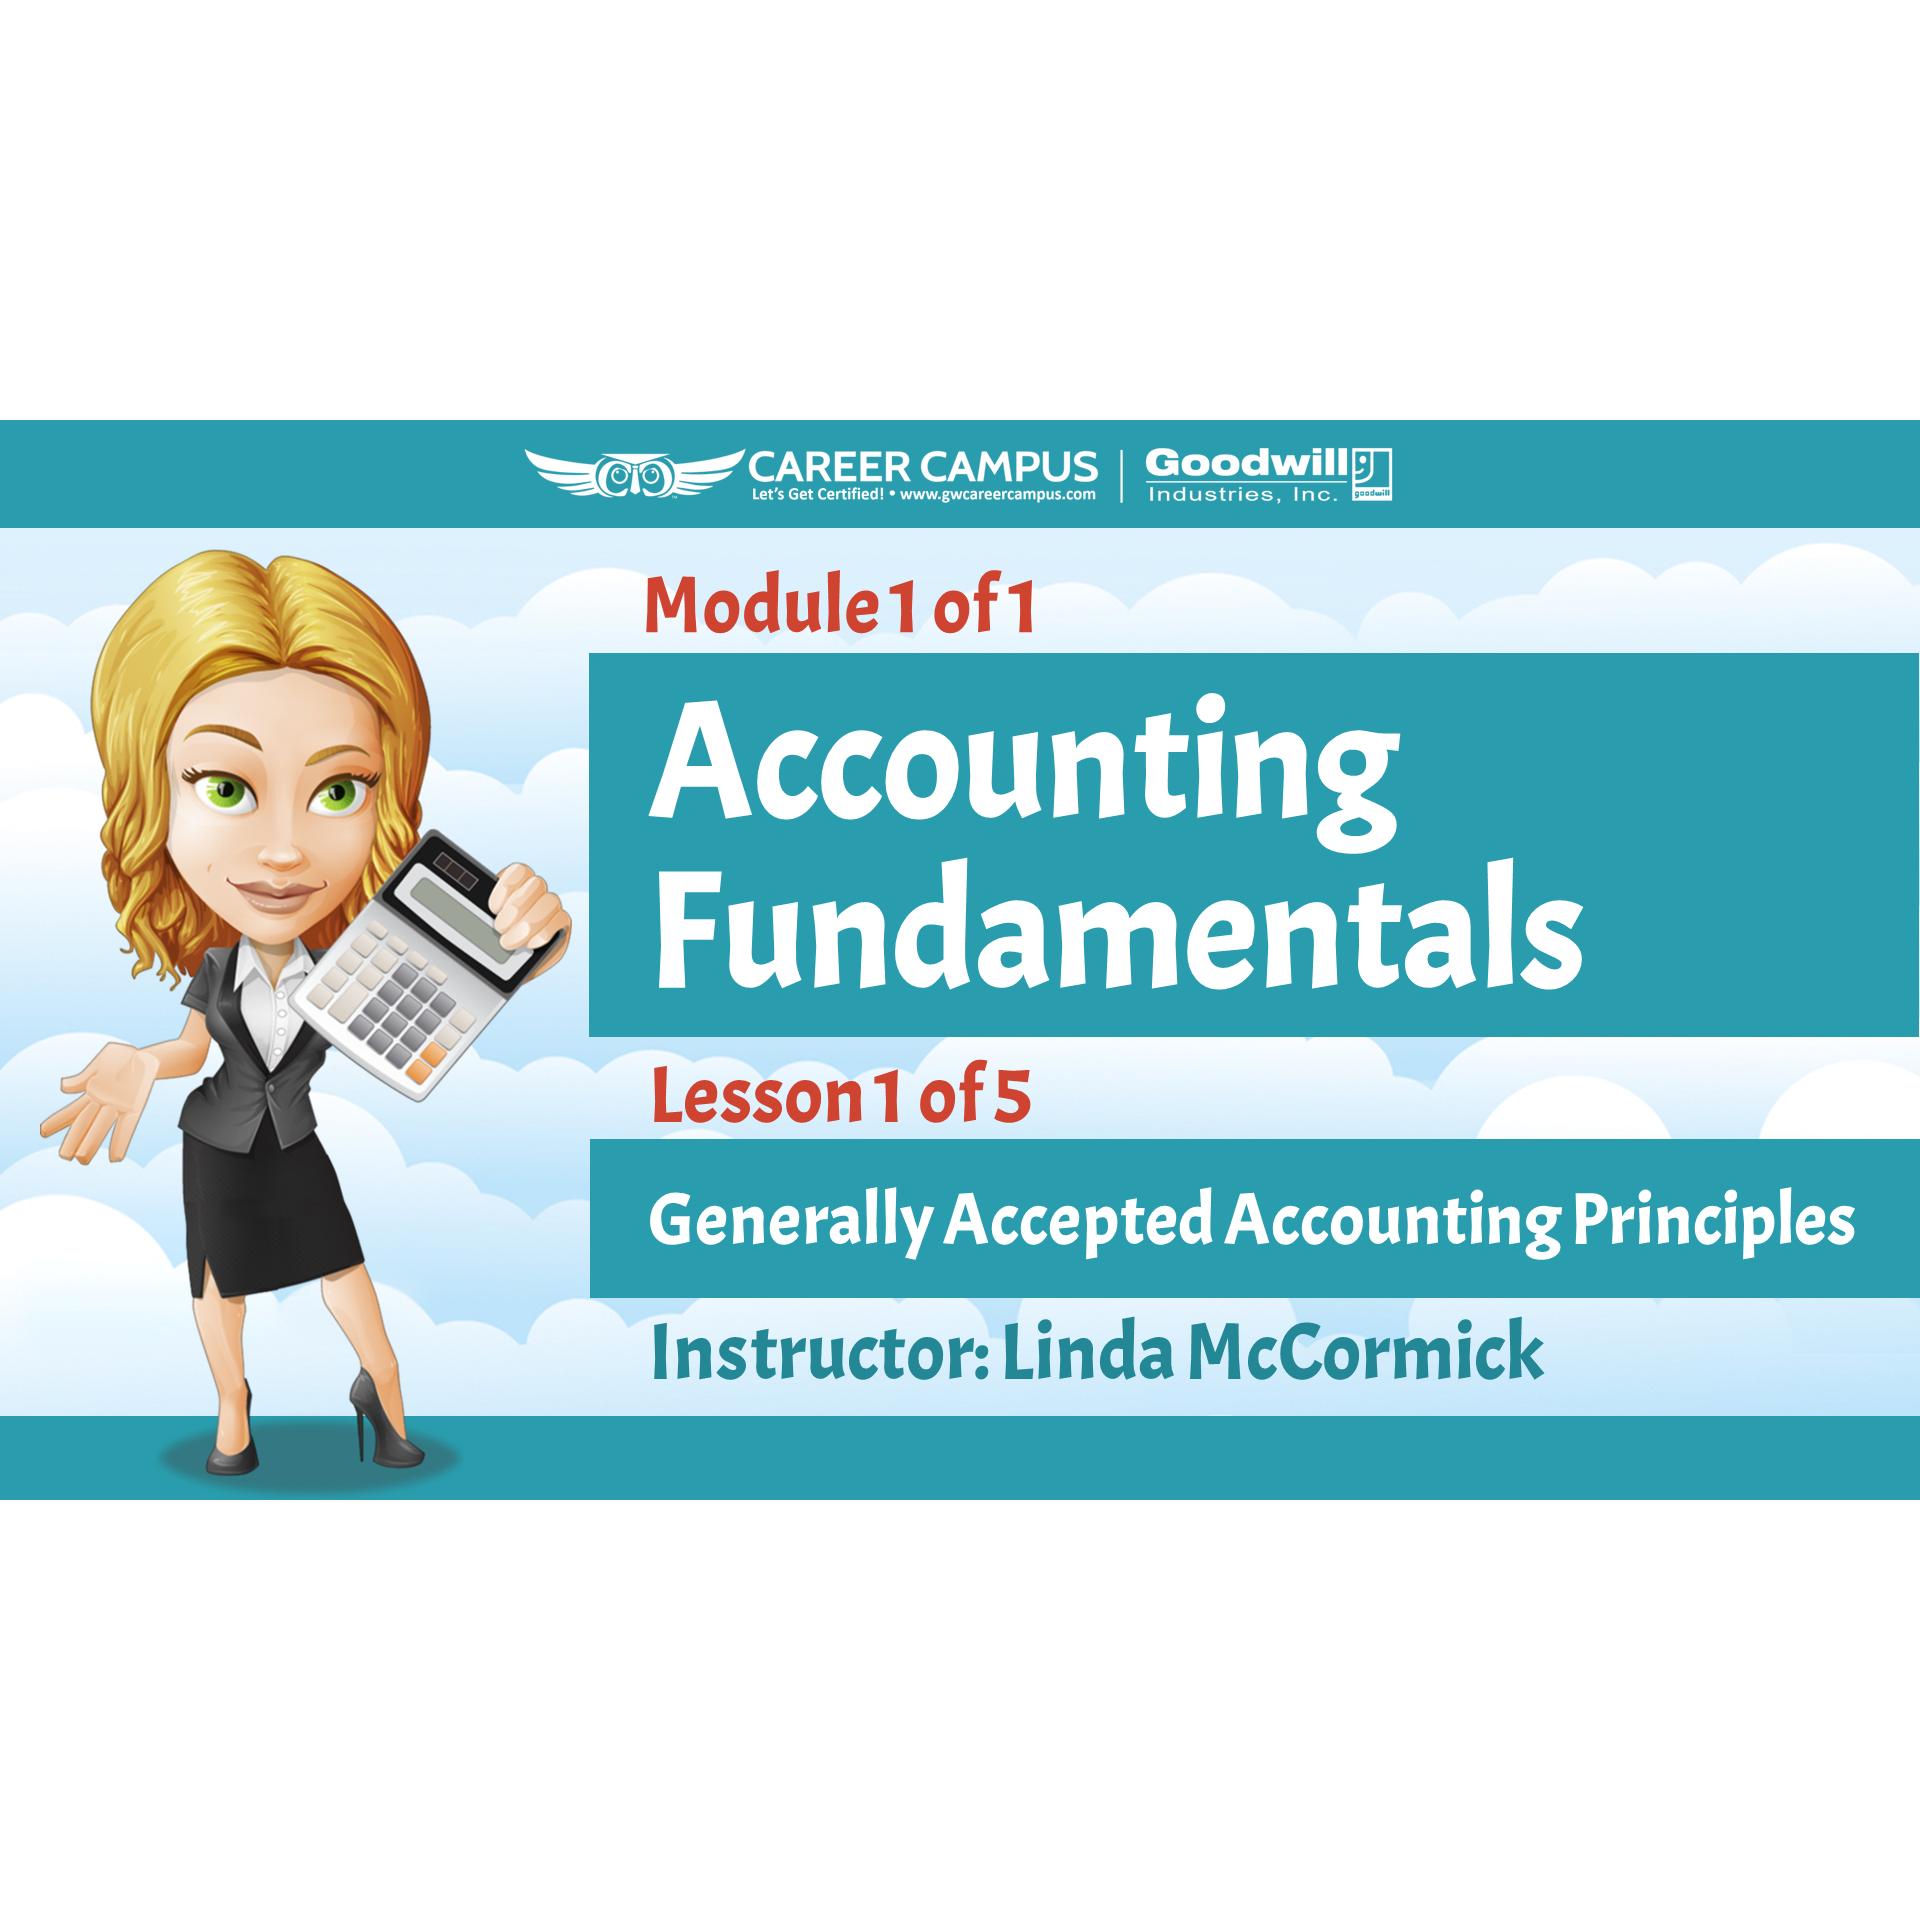 accounting fundamentals principles image